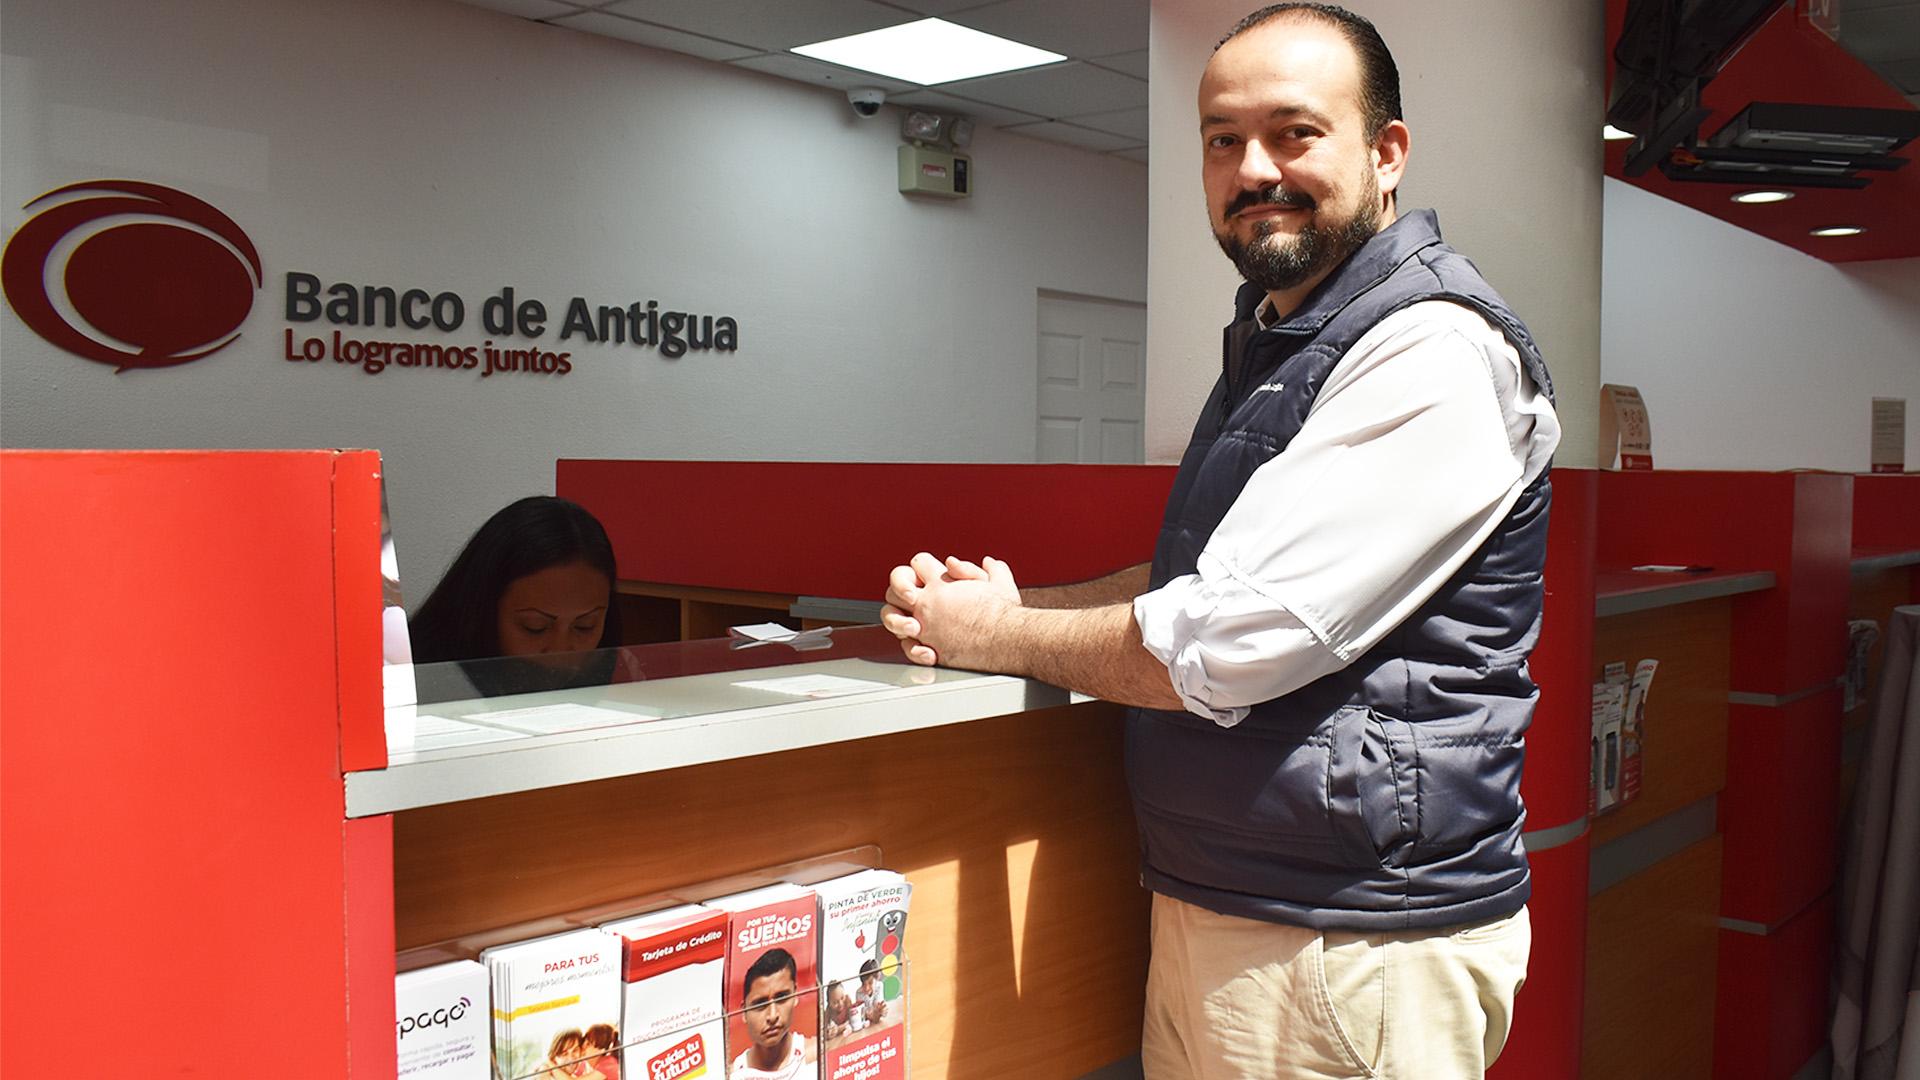 Banco de Antigua se asocia con Fintech de Guatemala